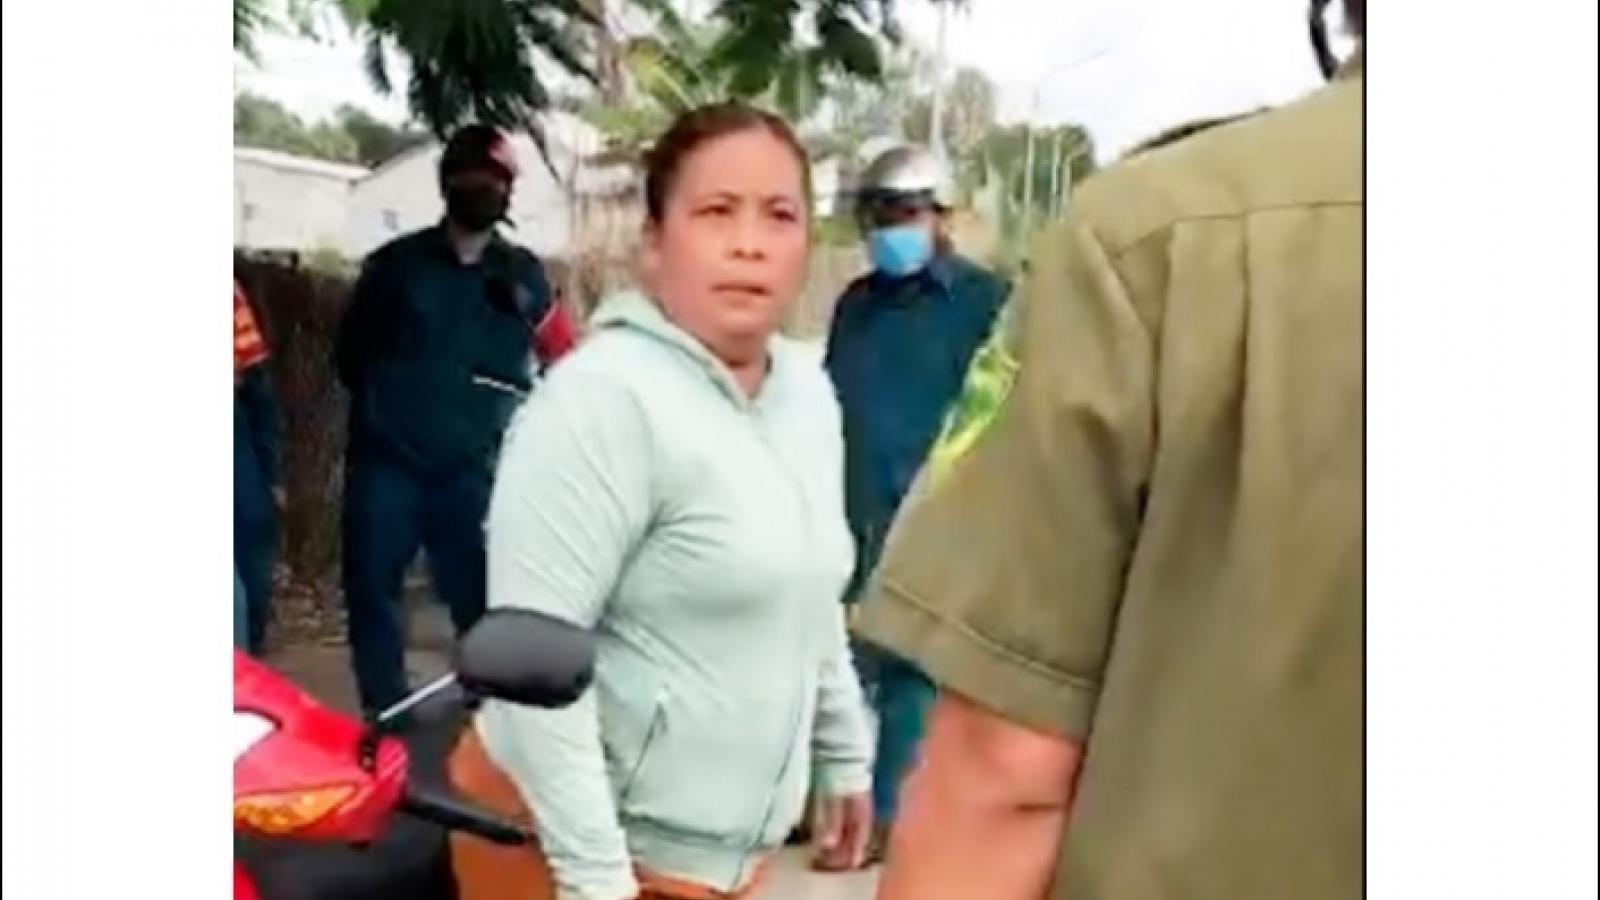 Khởi tố người phụ nữ chửi bới và đánh công an vì chồng bị phạt vi phạm Chỉ thị 16